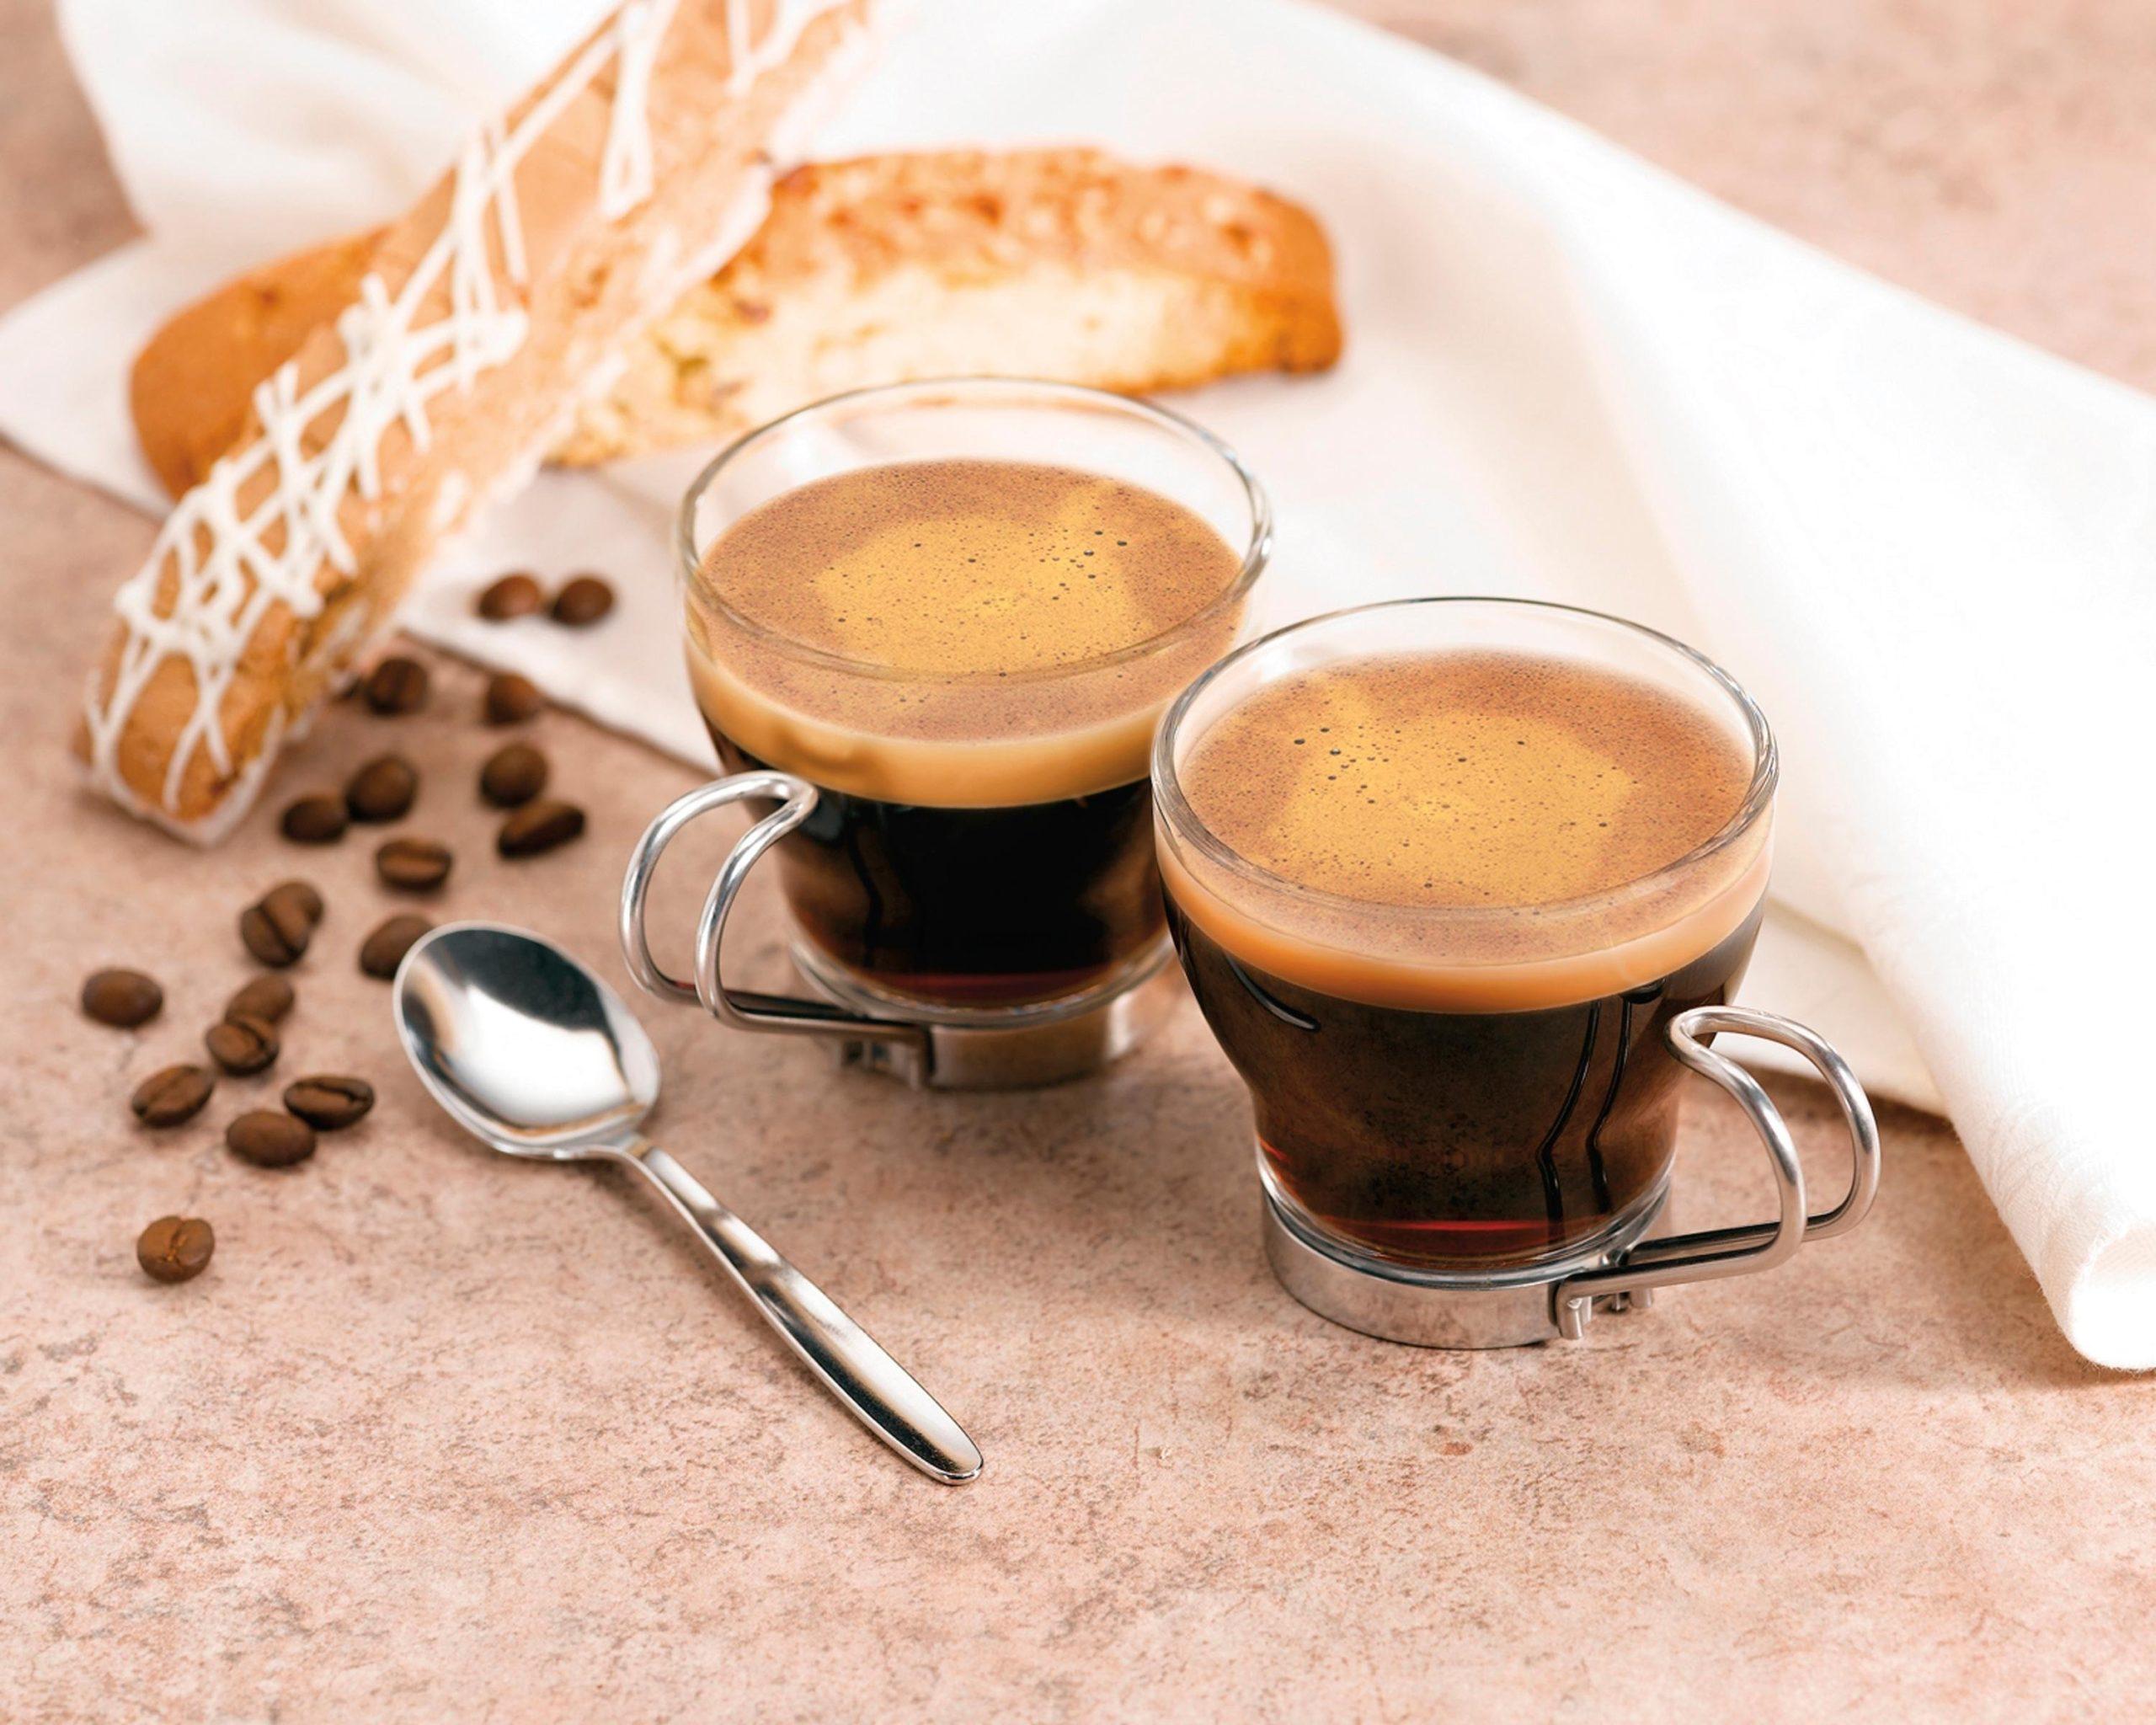 Espresso stark aromatisch